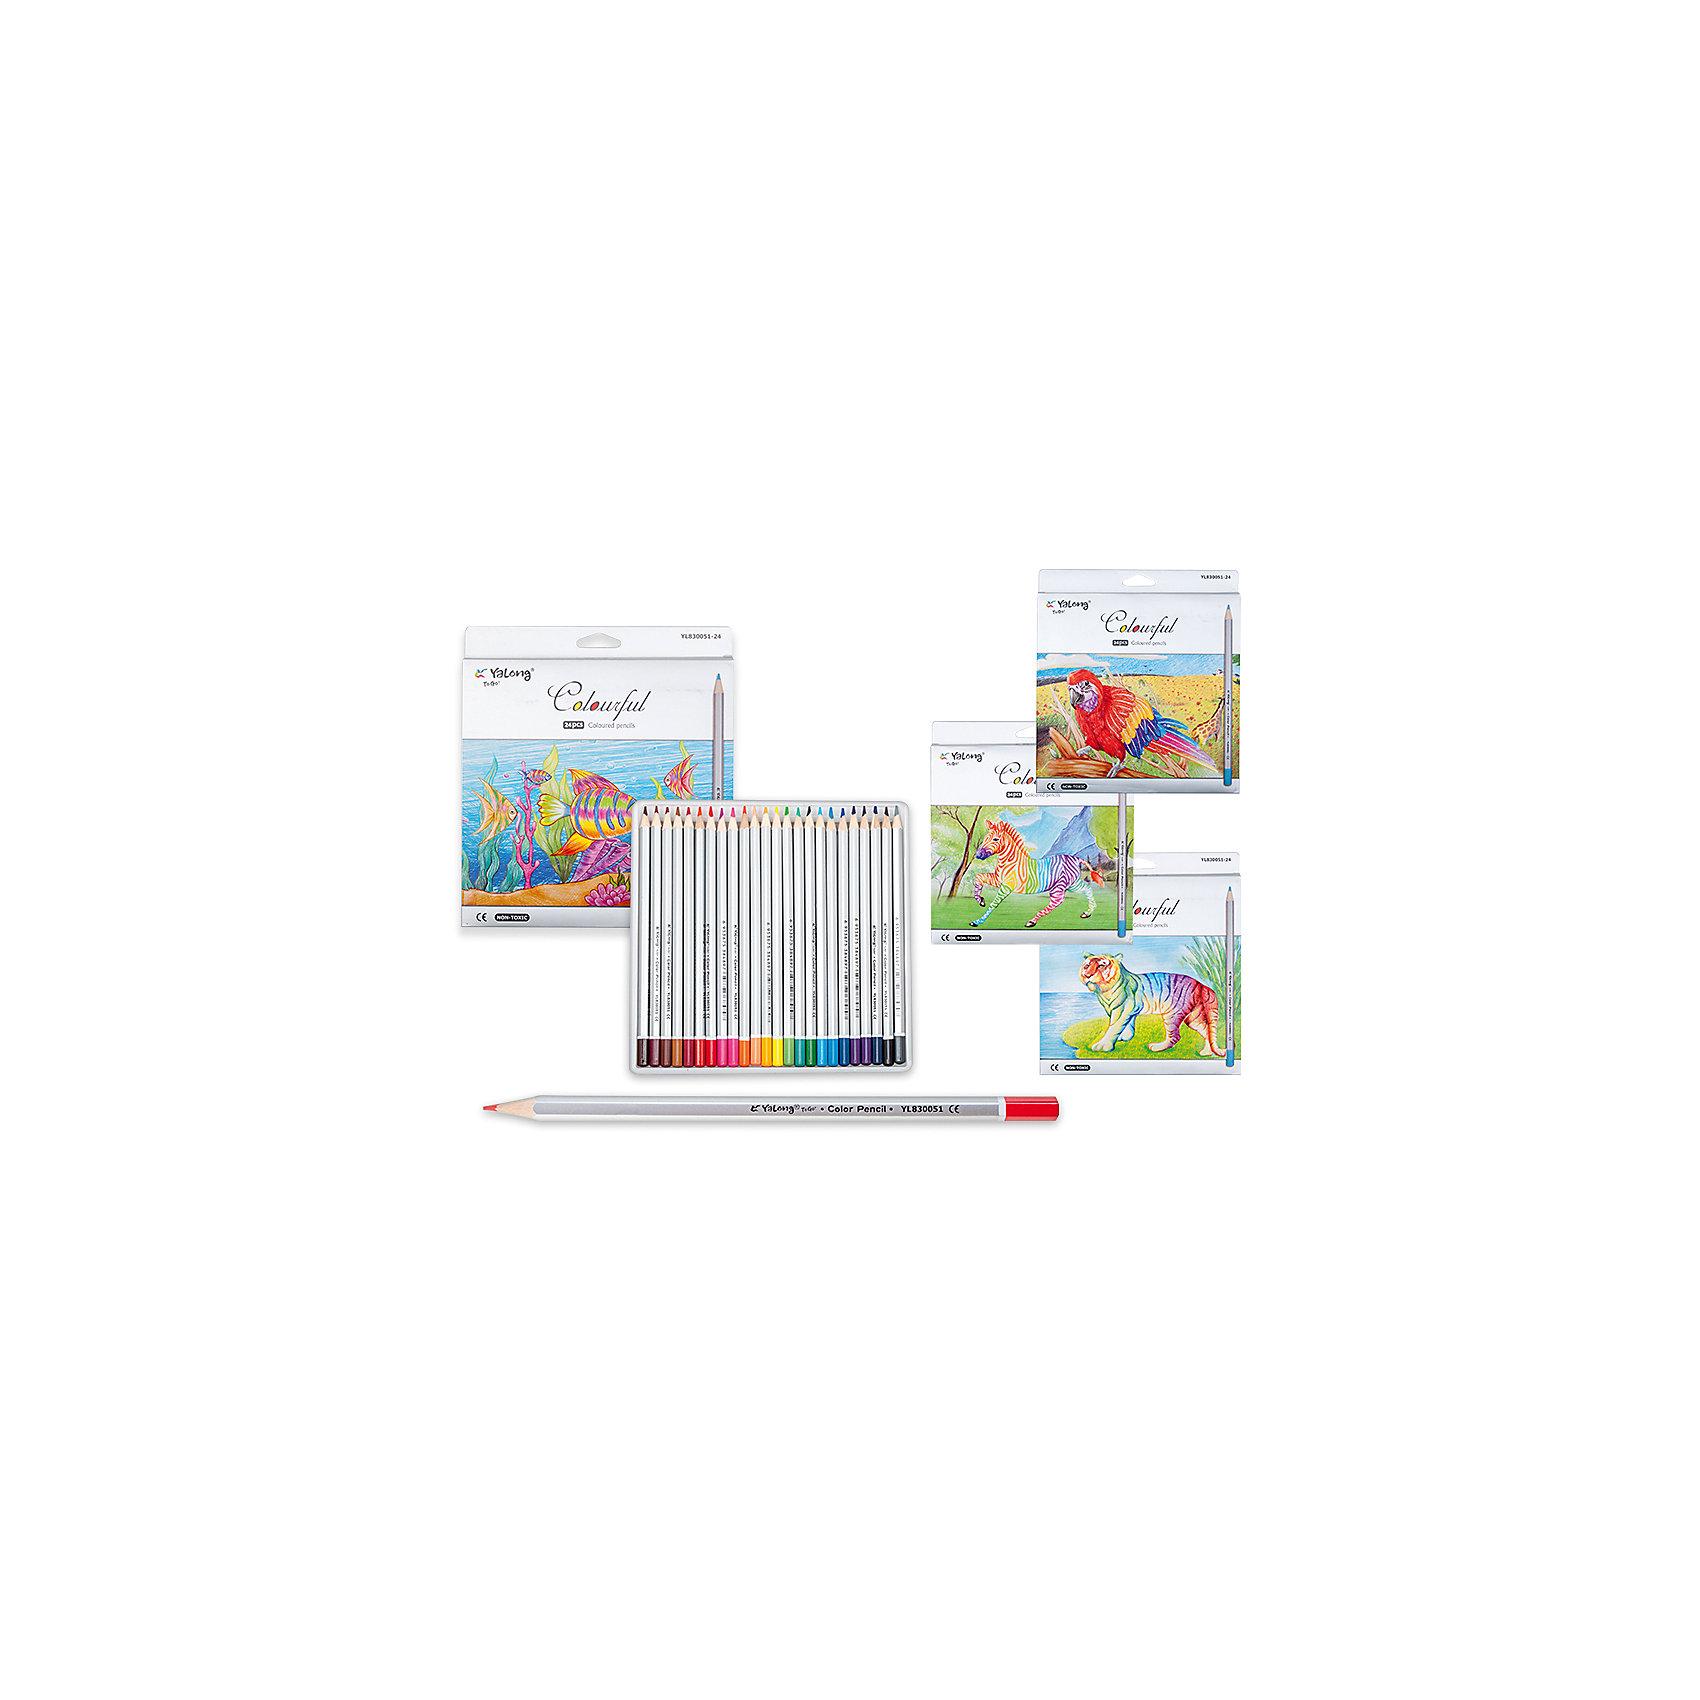 Цветные карандаши, 24 цветаНабор цветных карандашей – классический пункт в списке школьных покупок. Качественные карандаши прослужат ребенку не один год даже при активном использовании. Важно подобрать набор с яркими цветами, мягким, но прочным стержнем и грифелем с легкой растушевкой. Данная модель набора цветных карандашей – отличный выбор для обновки школьного пенала. Карандаши имеют шестигранный серебряный корпус. Упаковка выполнена с использованием объемного рисунка и выборочной лакировки. Все материалы, использованные при изготовлении, отвечают международным требованиям по качеству и безопасности.<br><br>Дополнительная информация: <br><br>количество цветов: 24 шт;<br>упаковка: металлическая, картонный дисплей.<br><br>Набор цветных карандашей можно приобрести в нашем магазине.<br><br>Ширина мм: 100<br>Глубина мм: 100<br>Высота мм: 10<br>Вес г: 50<br>Возраст от месяцев: 36<br>Возраст до месяцев: 120<br>Пол: Унисекс<br>Возраст: Детский<br>SKU: 4993558